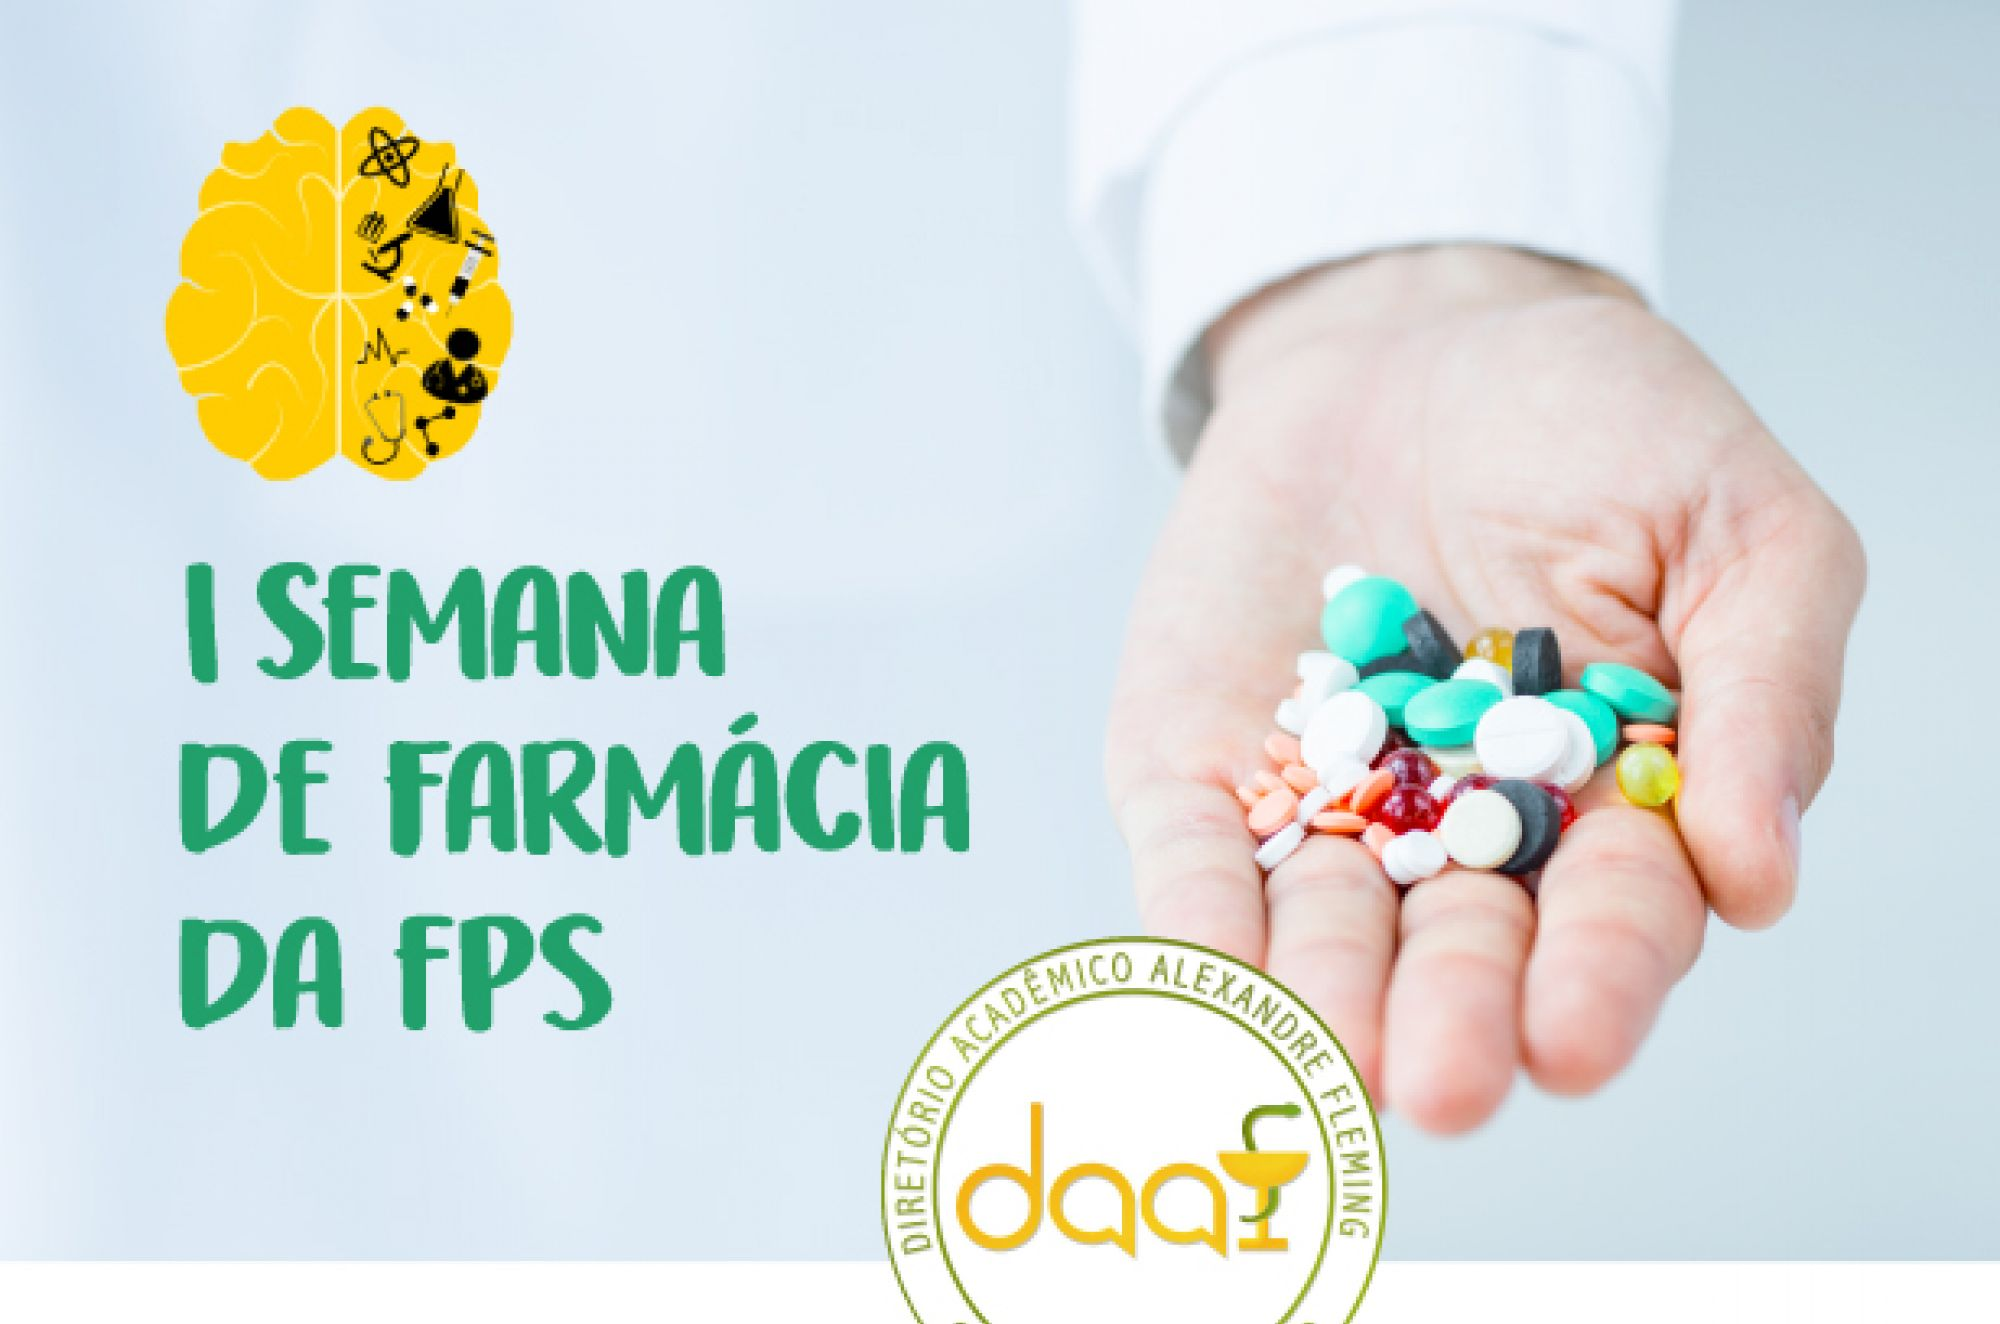 I Semana de Farmácia da FPS